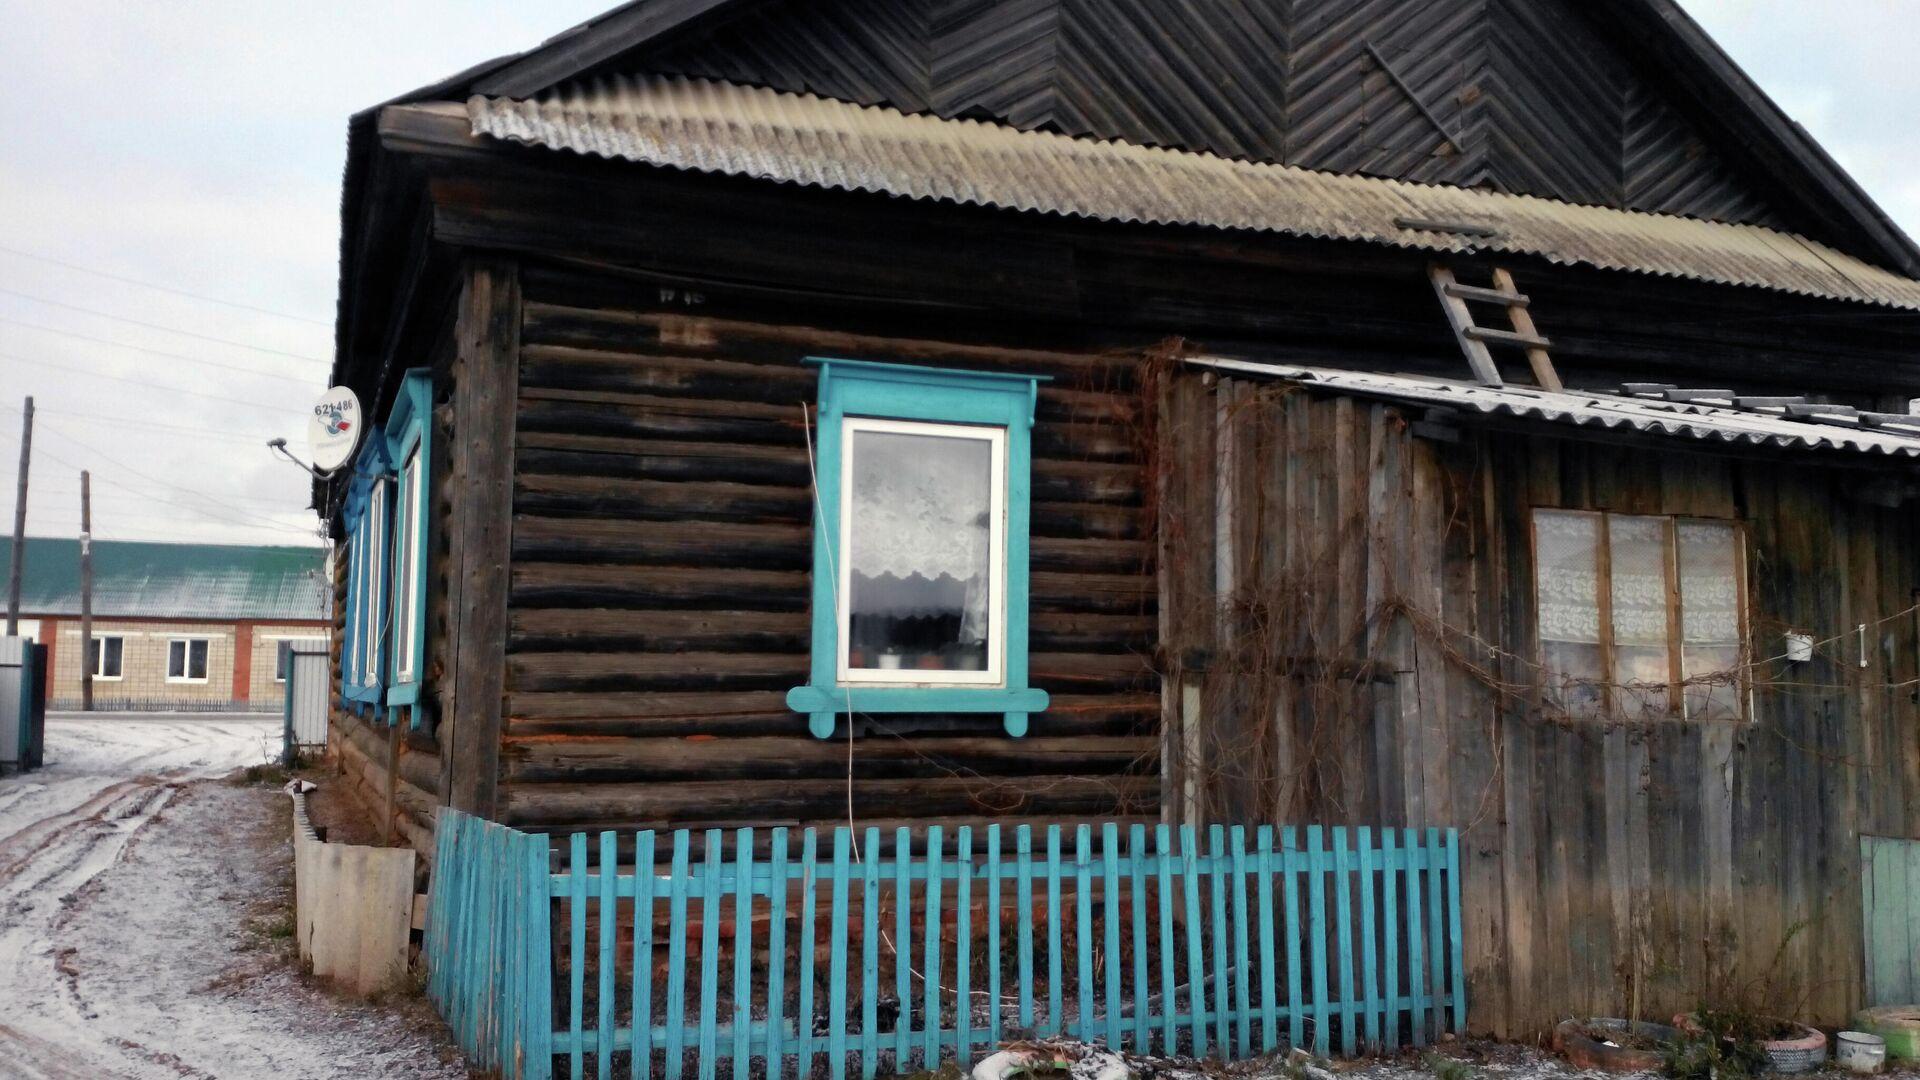 Дом, из которого выселяют семью - РИА Новости, 1920, 29.04.2021